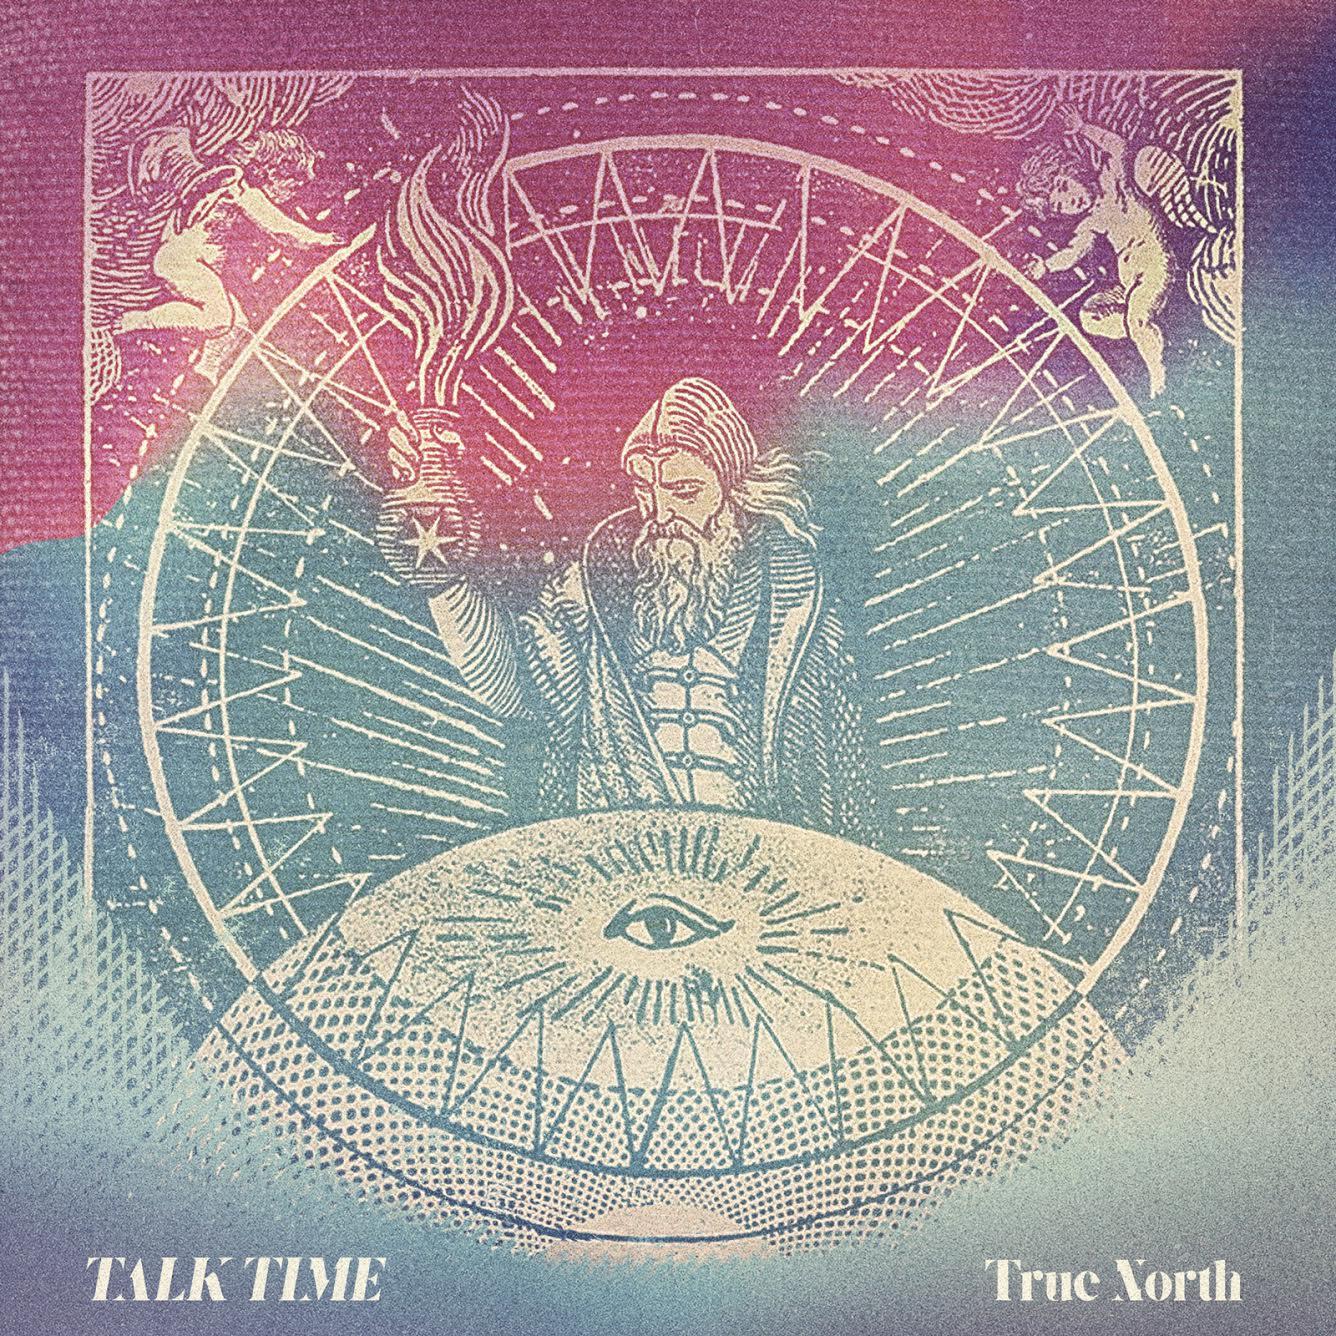 True North - Talk Time